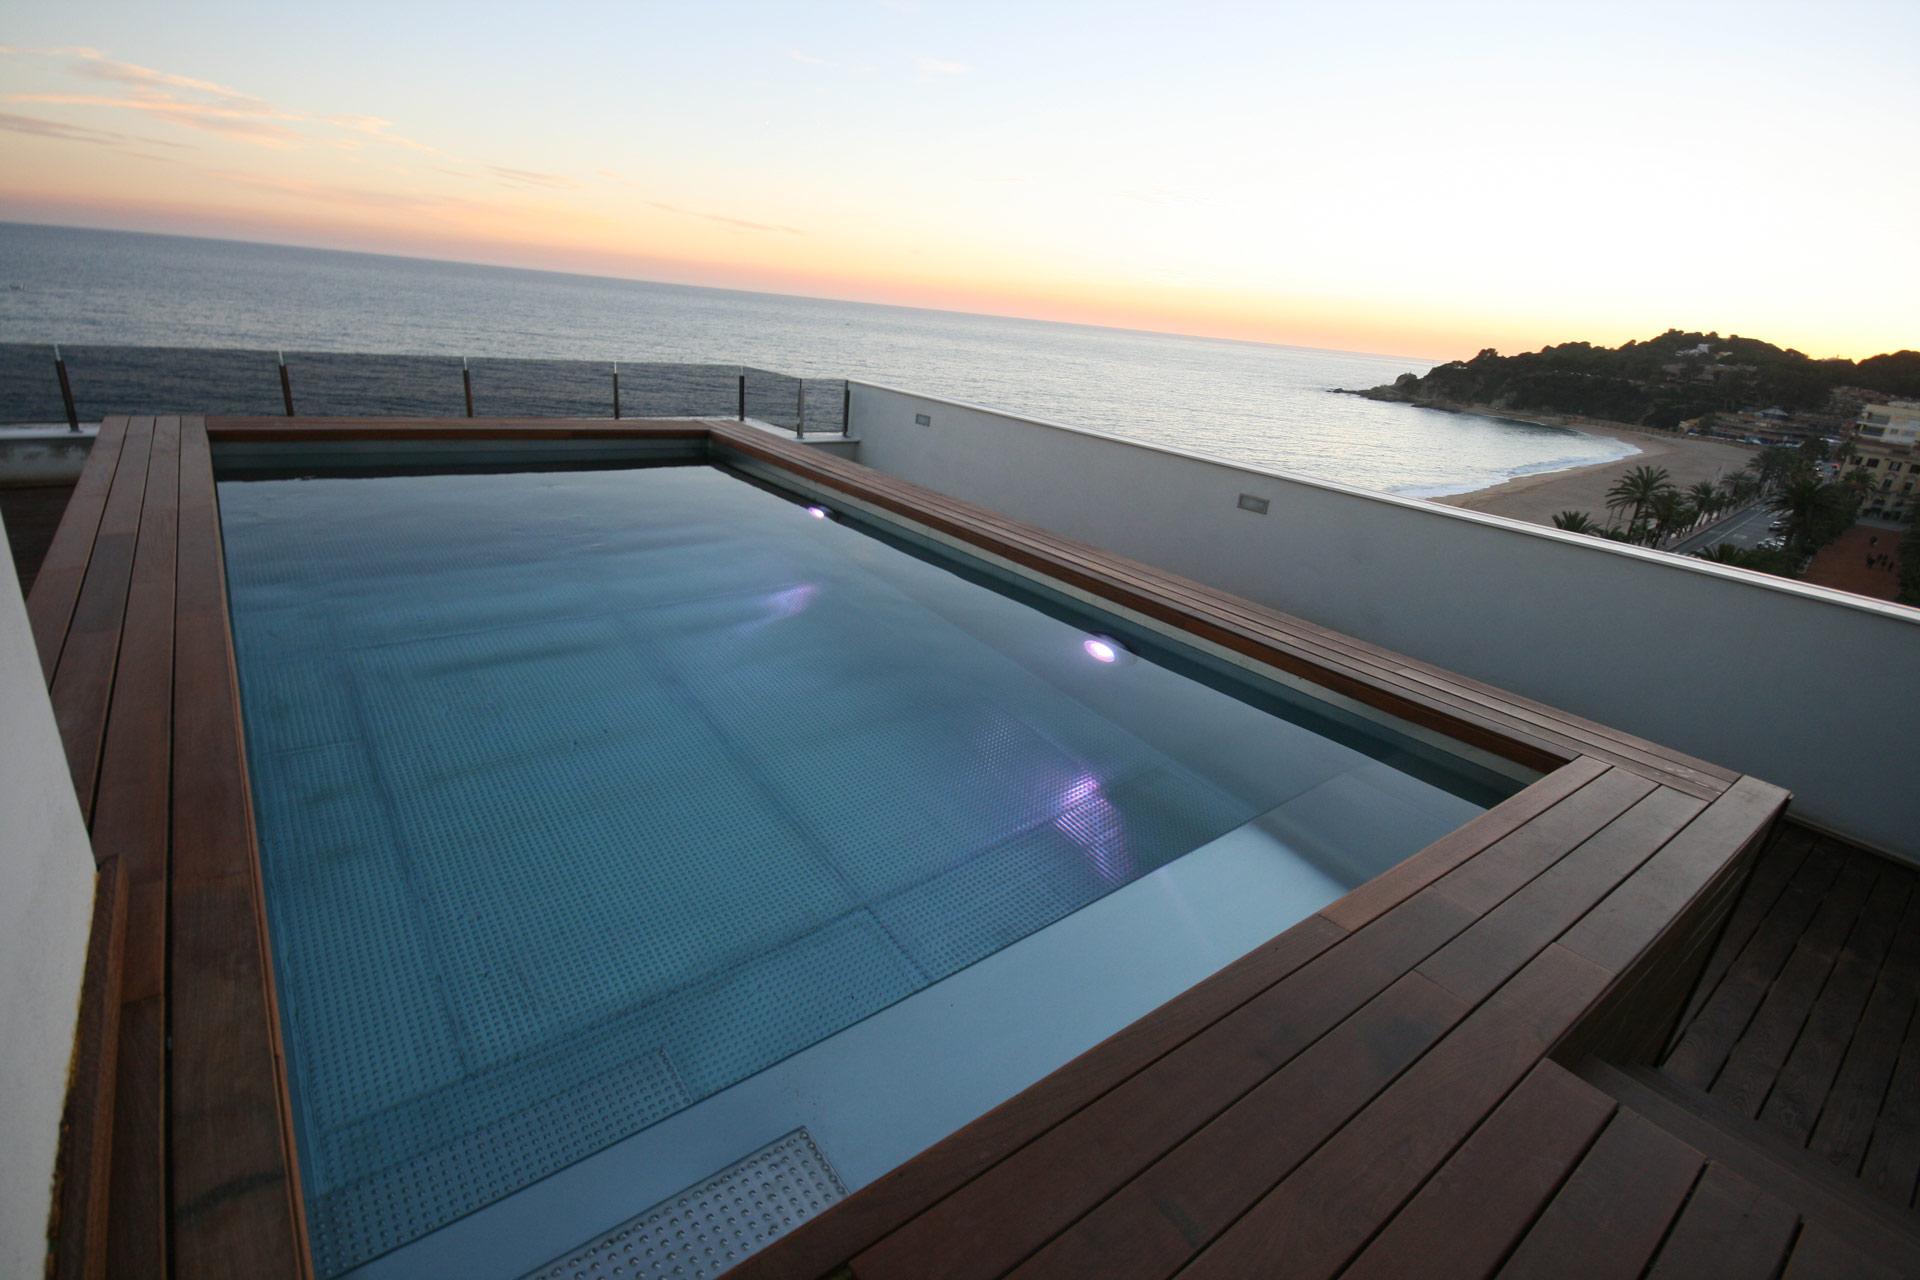 Piscinas de acero inoxidable precios beautiful piscinas - Piscinas de acero galvanizado ...